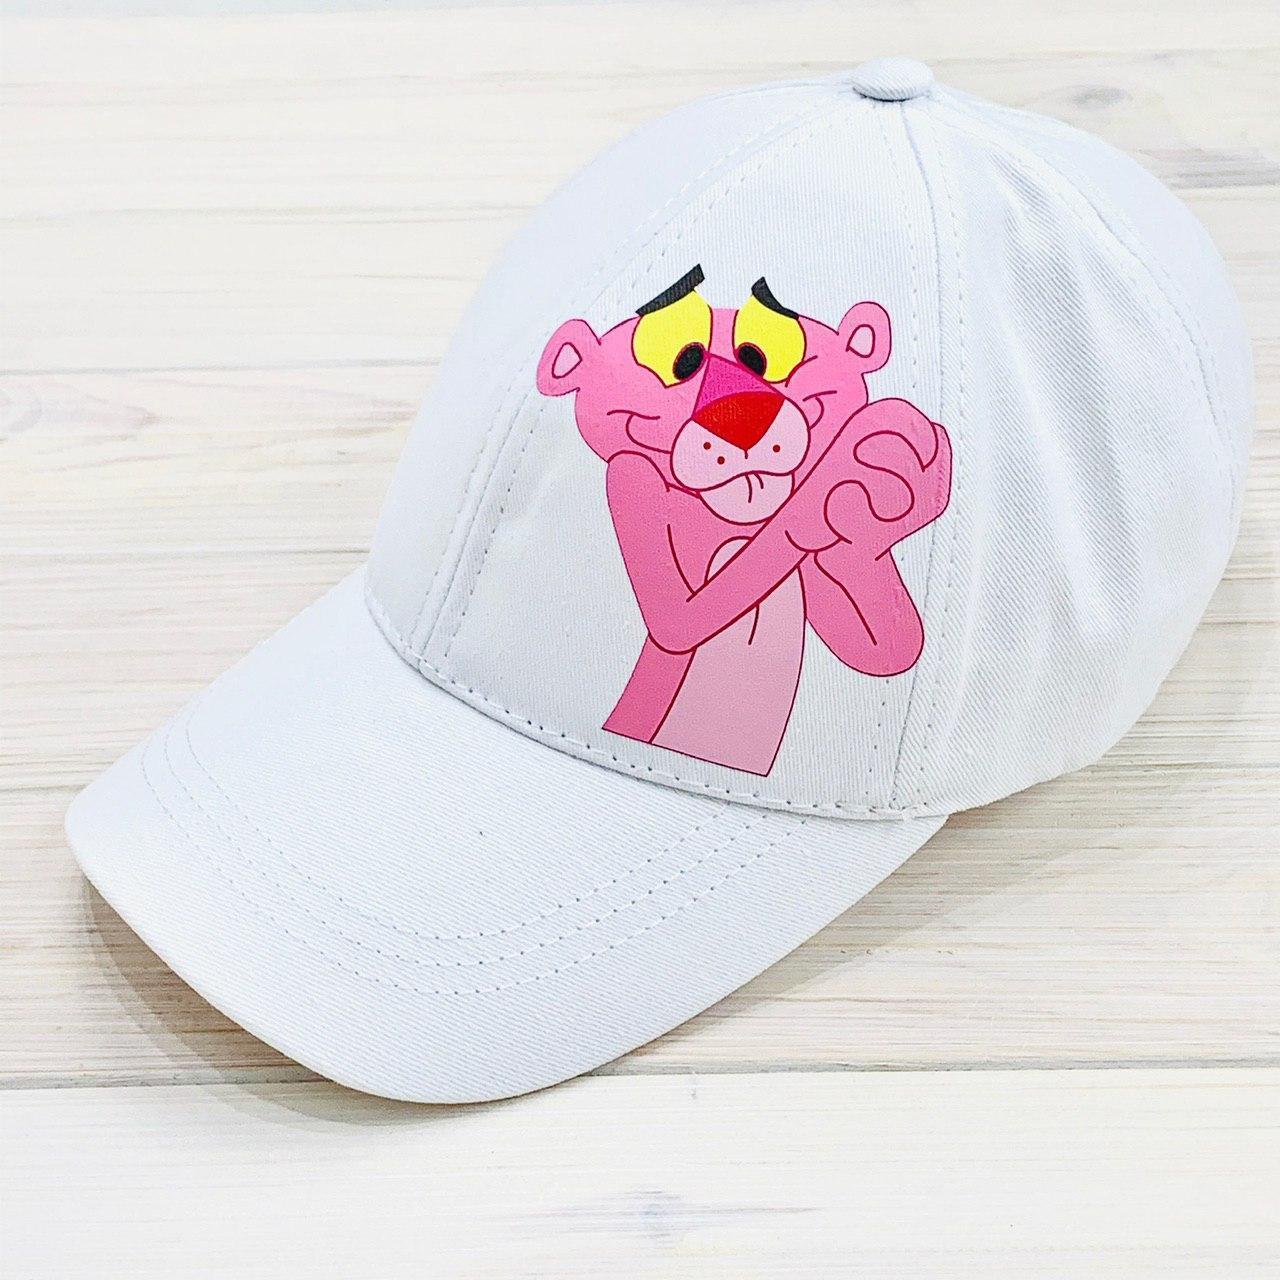 Кепка женская белая с принтом Pink Panther розовая пантера